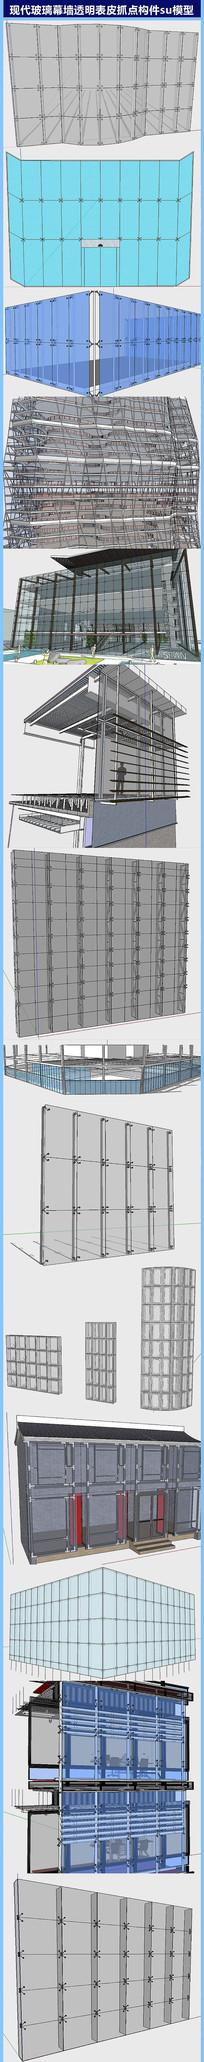 现代玻璃幕墙透明表皮抓点构件su模型 skp